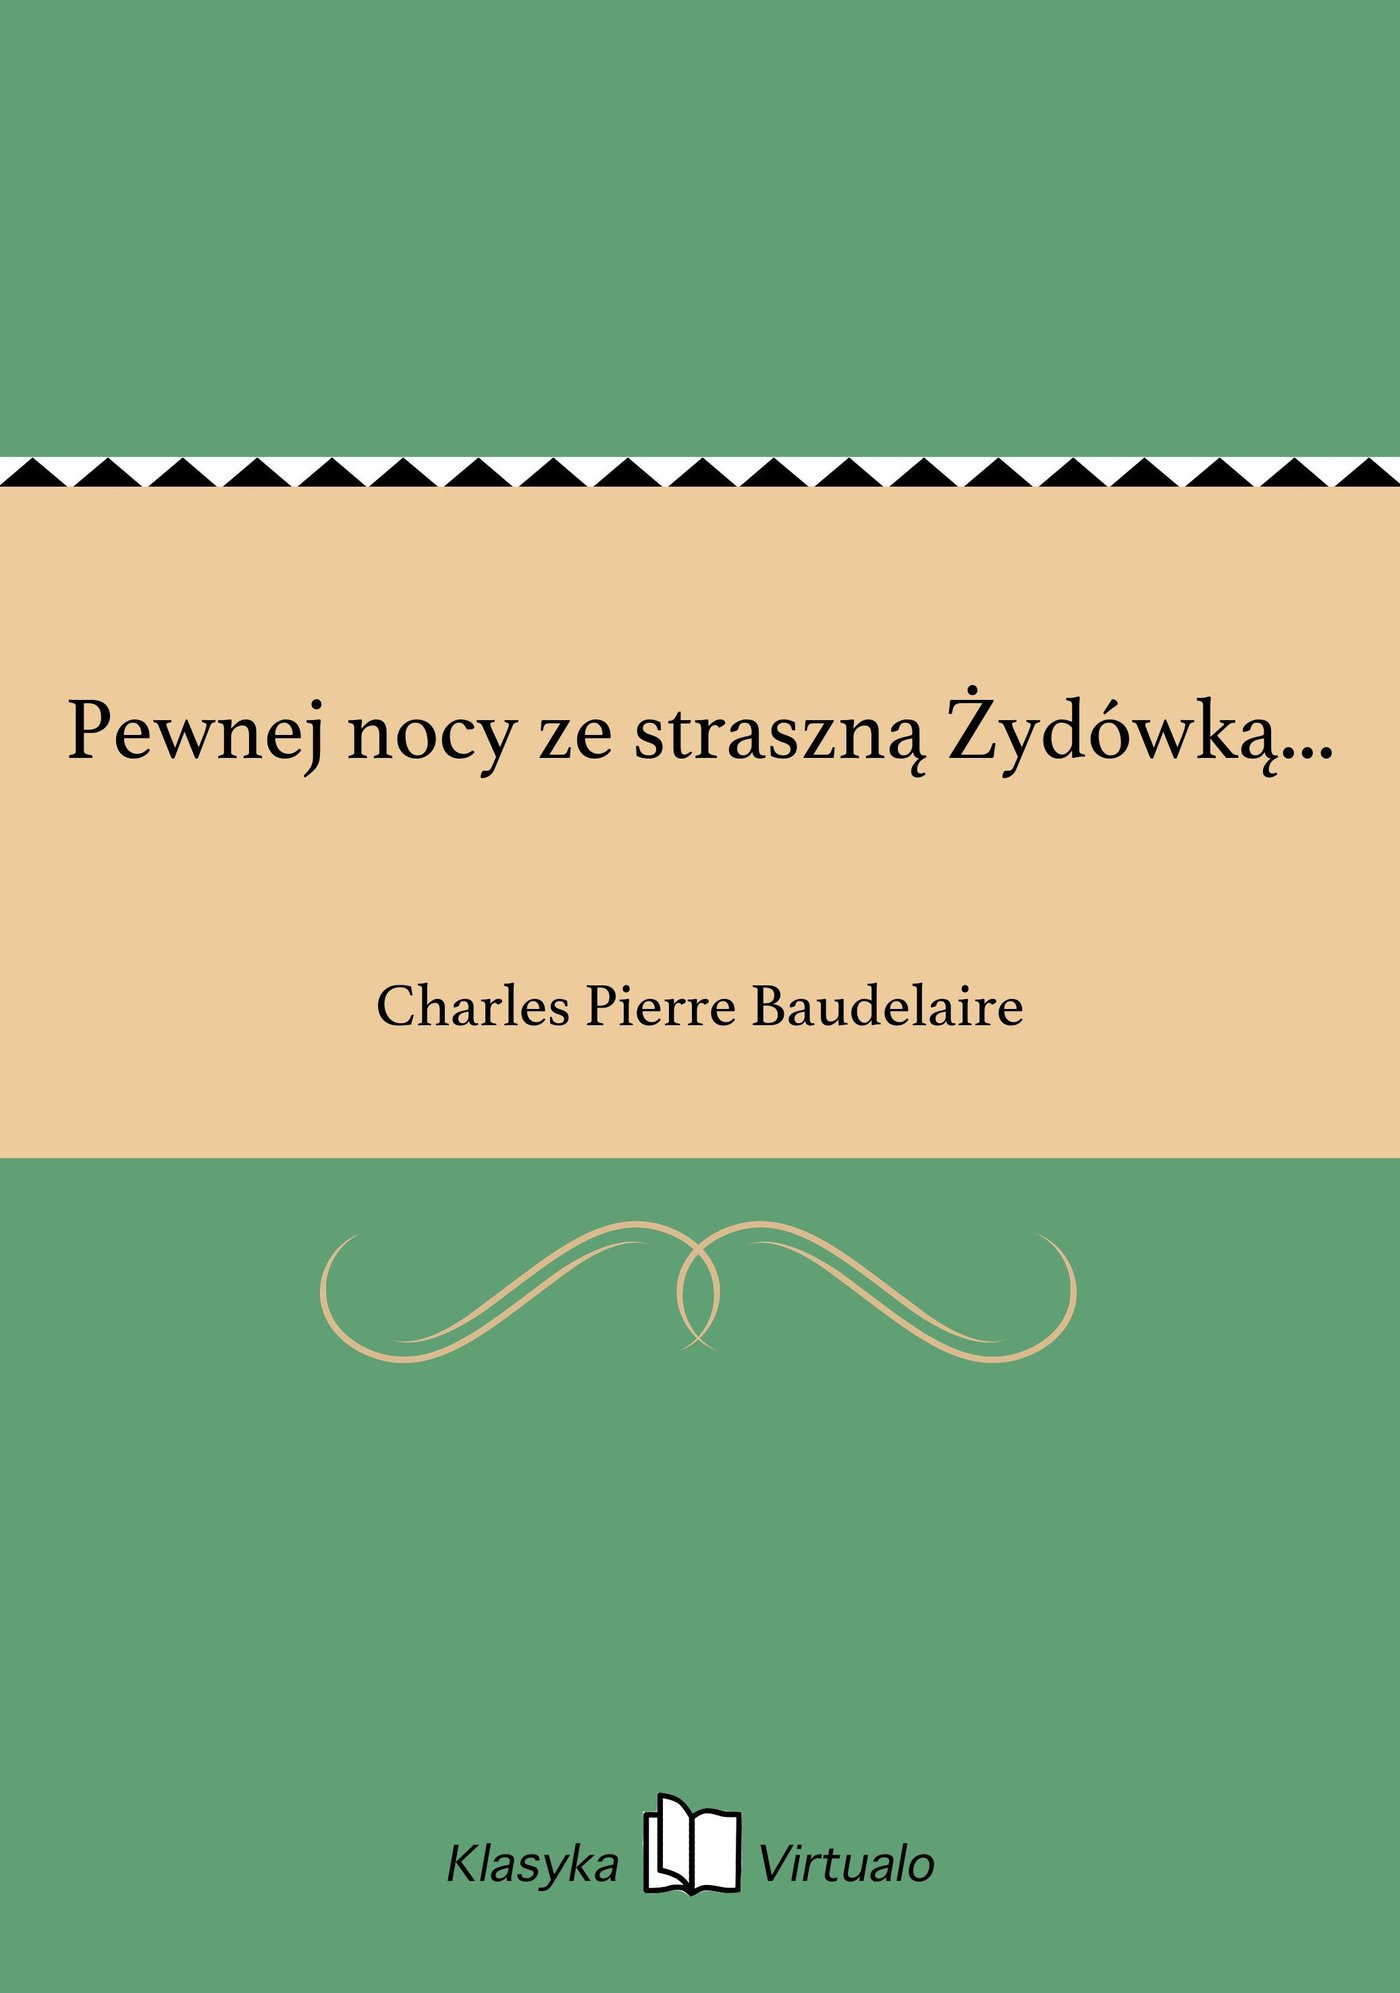 Pewnej nocy ze straszną Żydówką... - Ebook (Książka EPUB) do pobrania w formacie EPUB